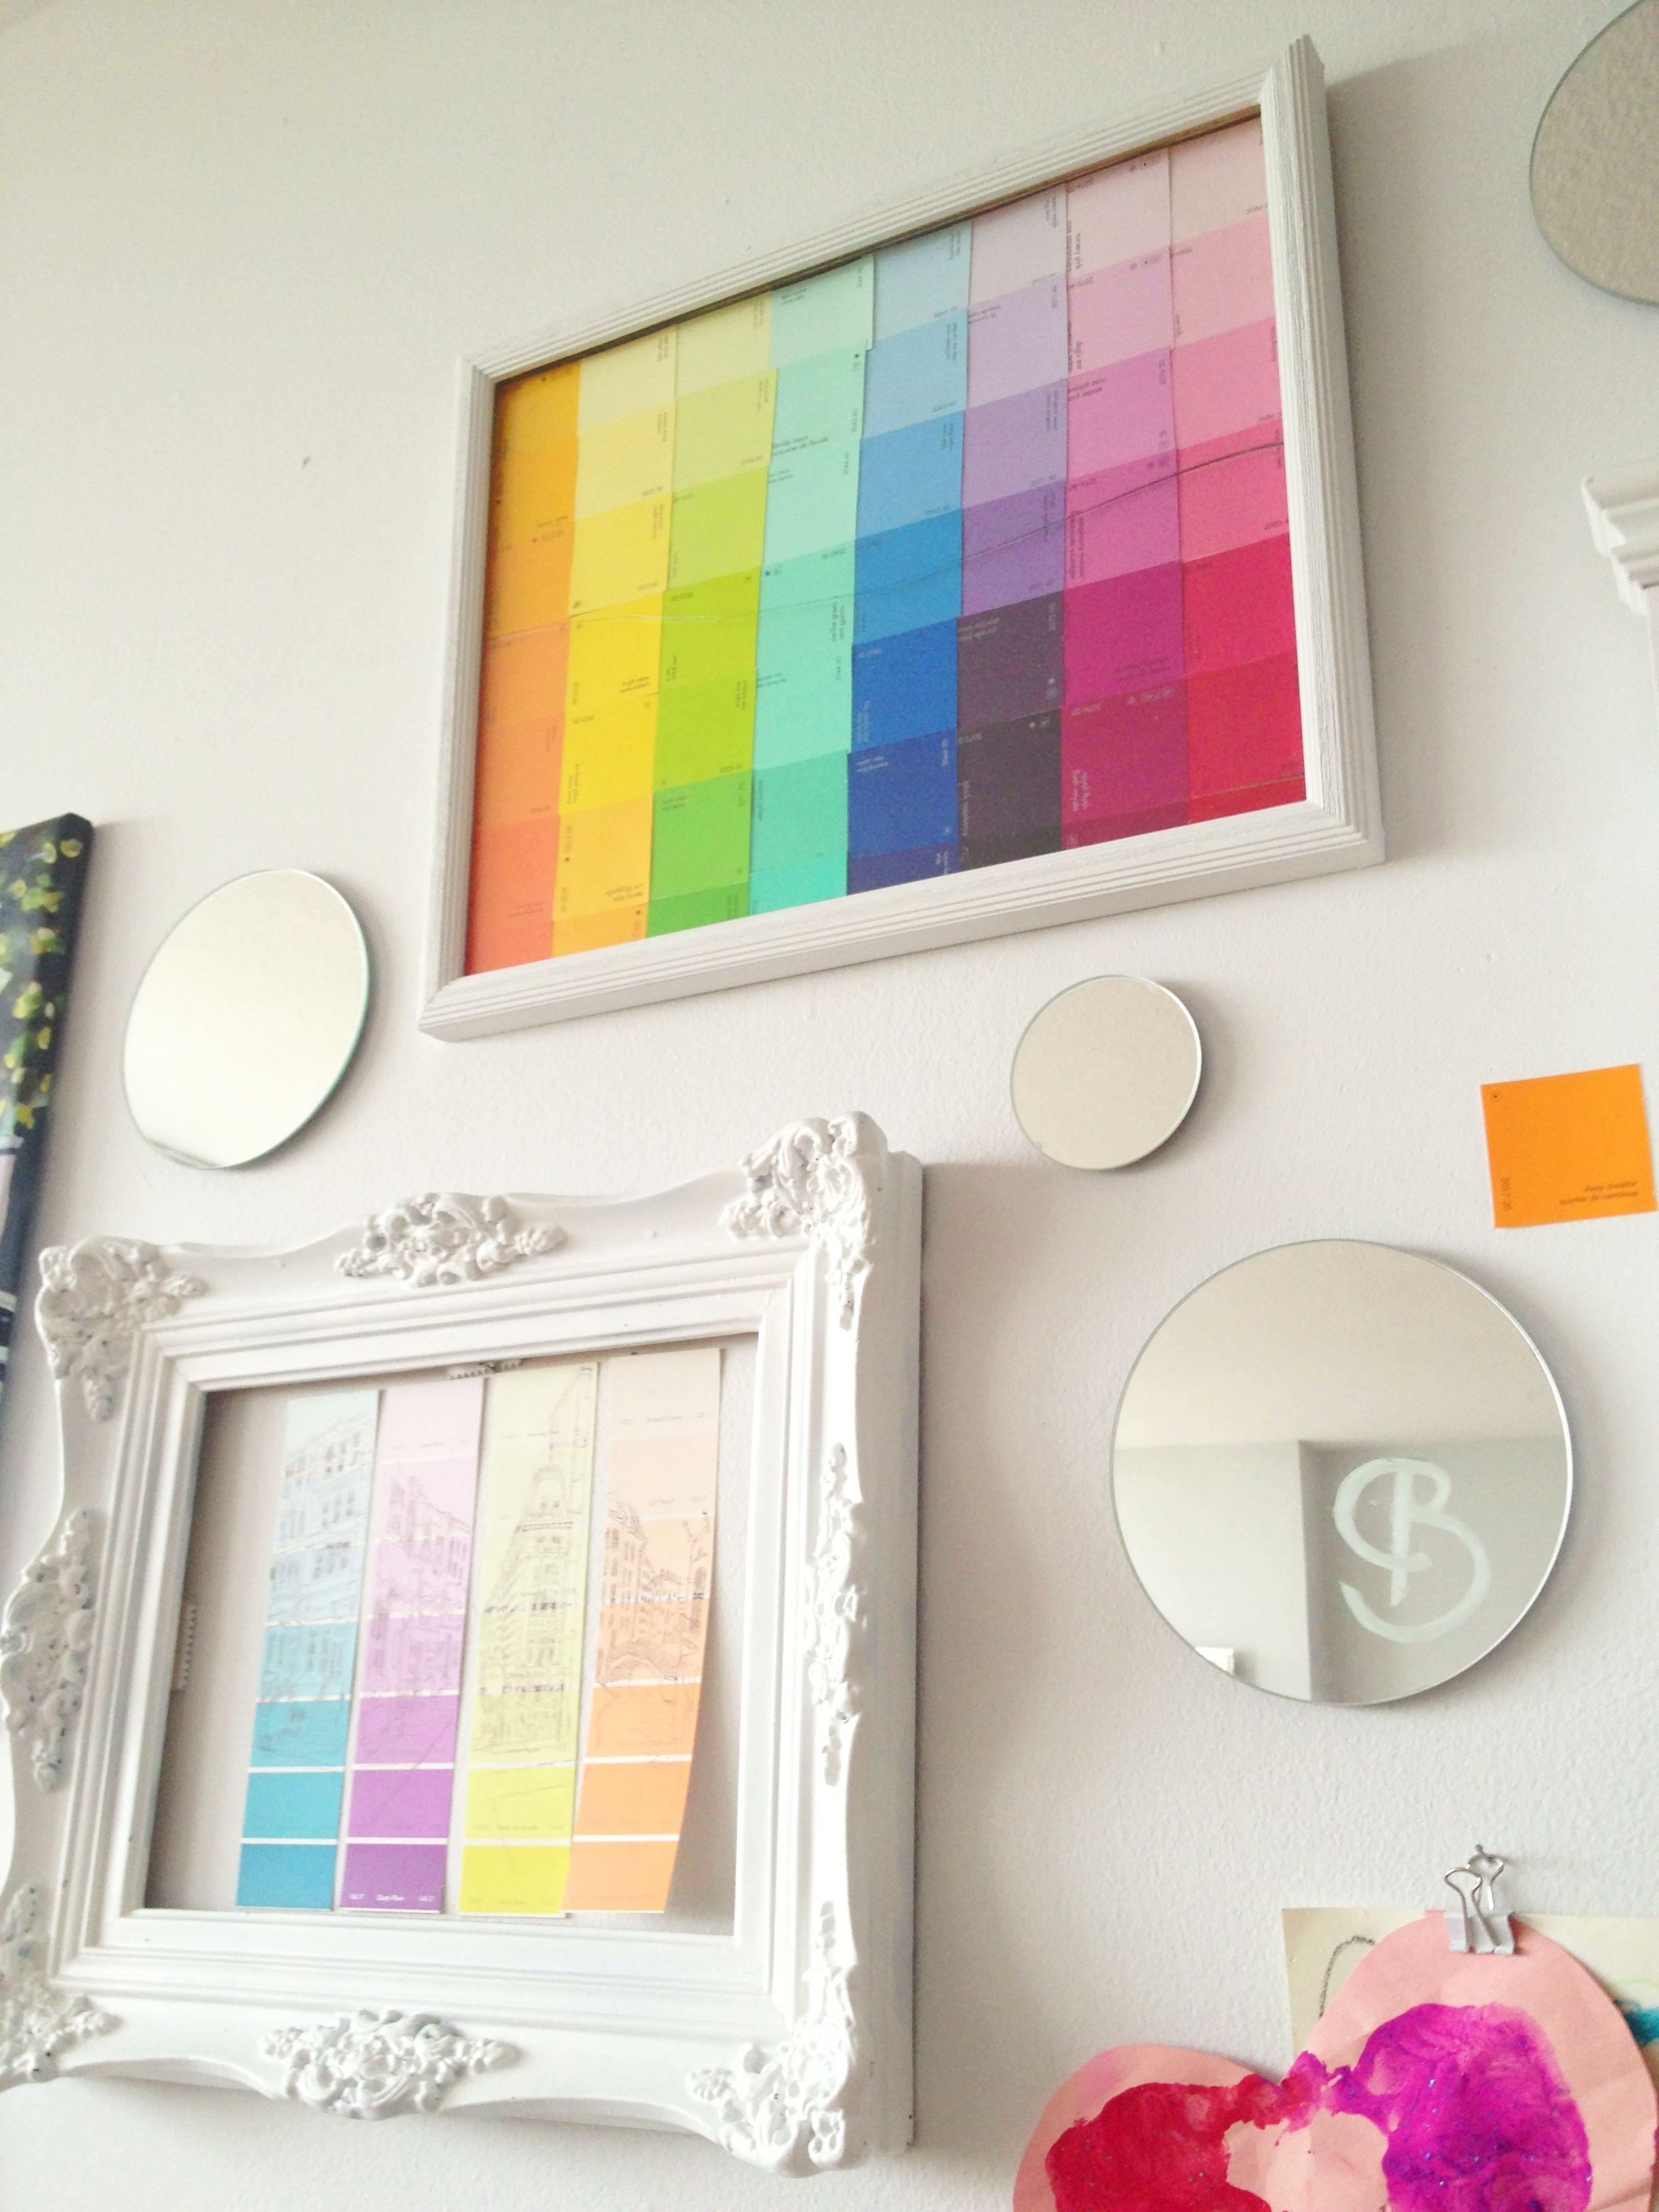 Img 4118 jpg 2448x3264 pixels paint sample art paint chip art paint